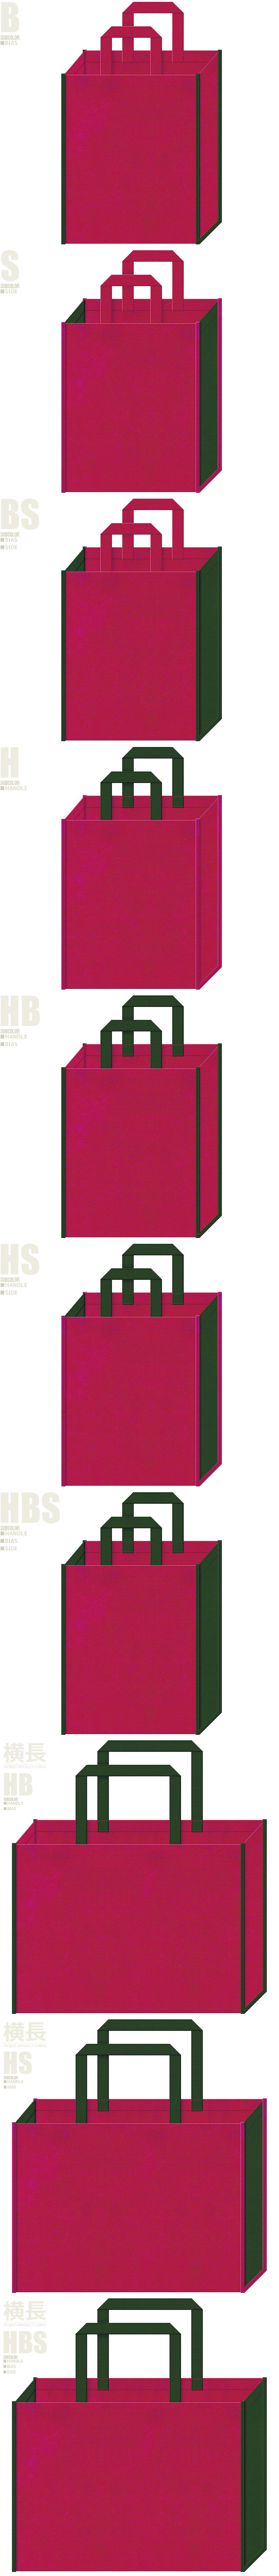 卒業式・成人式・梅・振袖・着物・帯・写真館・学園・学校・和風催事にお奨めの不織布バッグデザイン:濃いピンク色と濃緑色の配色7パターン